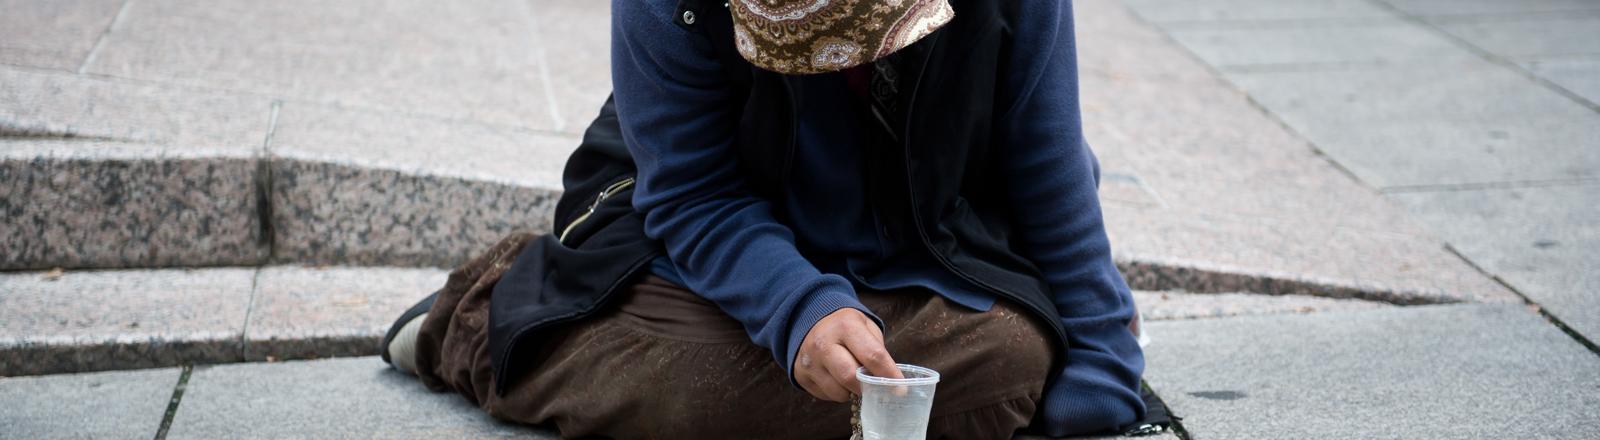 Eine Bettlerin in Berlin sitzt mit gesengtem Haupt auf der Straße.